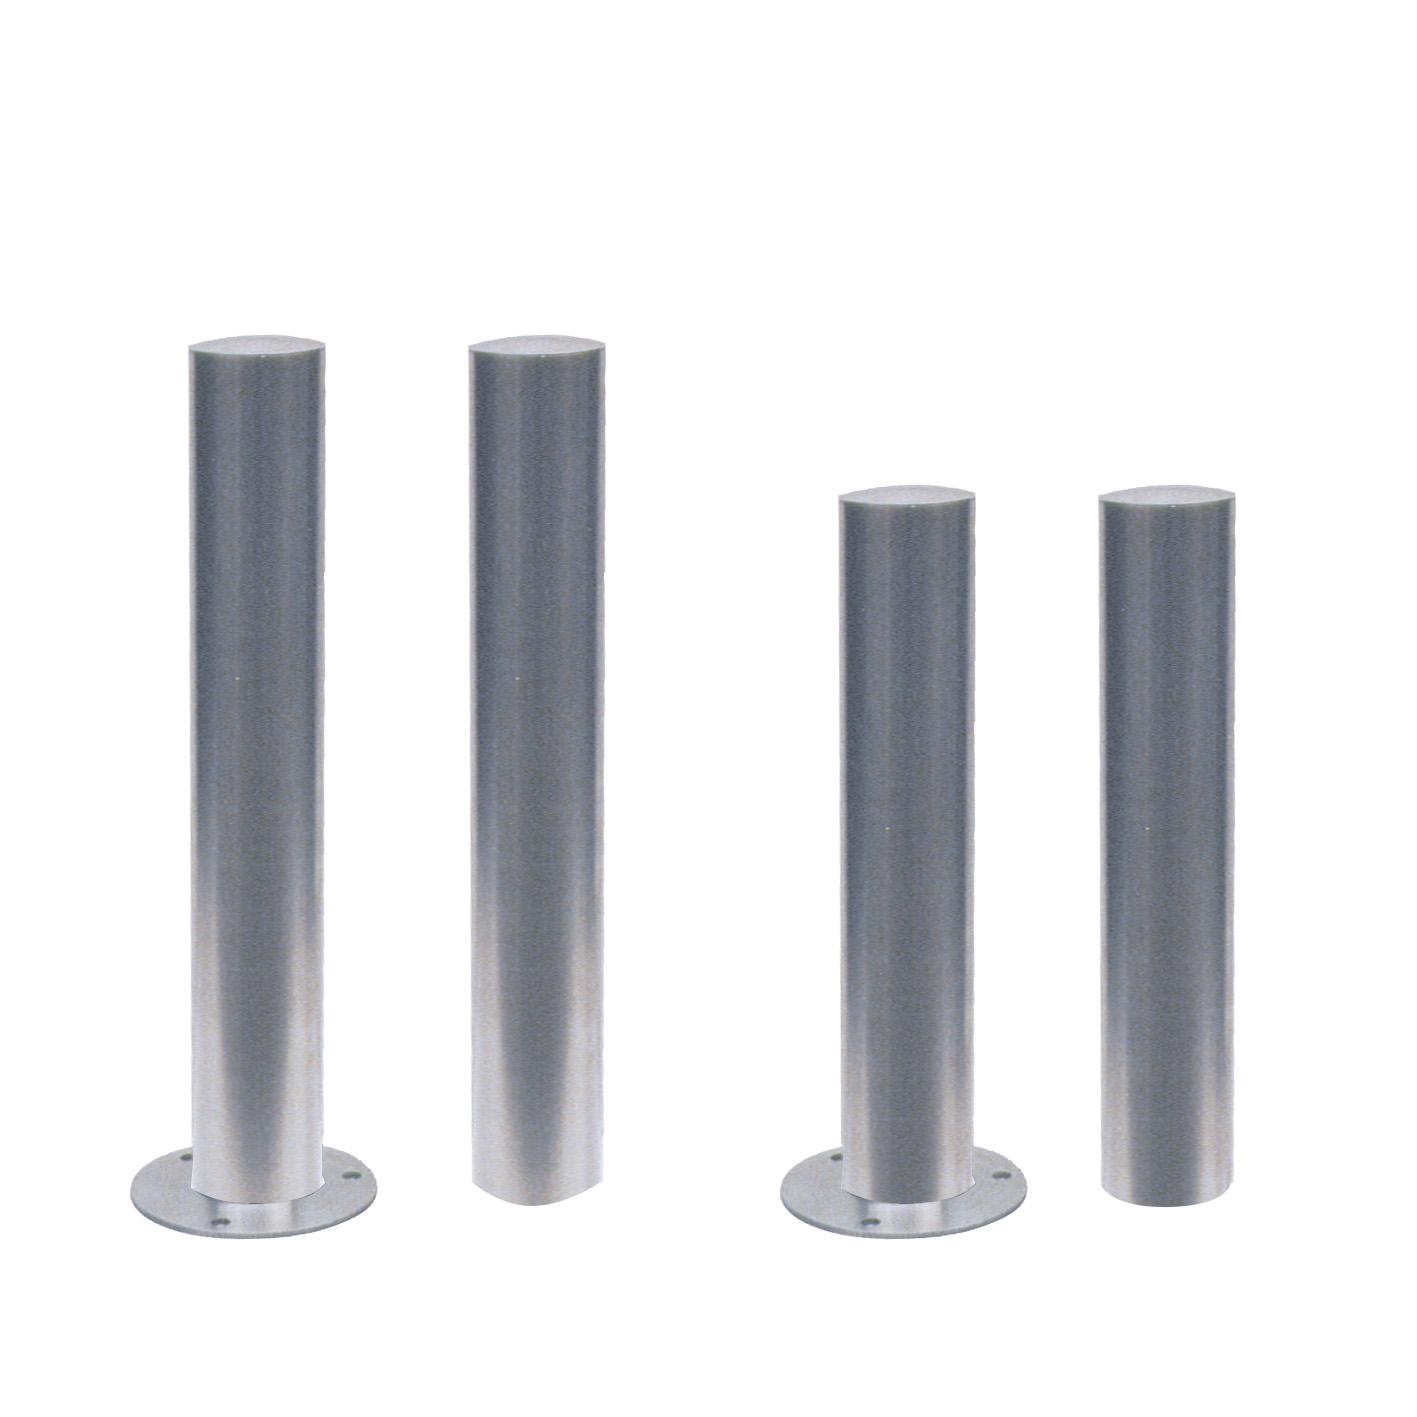 Edelstahlpoller 40204 |  Ø 204 mm x 900 mm